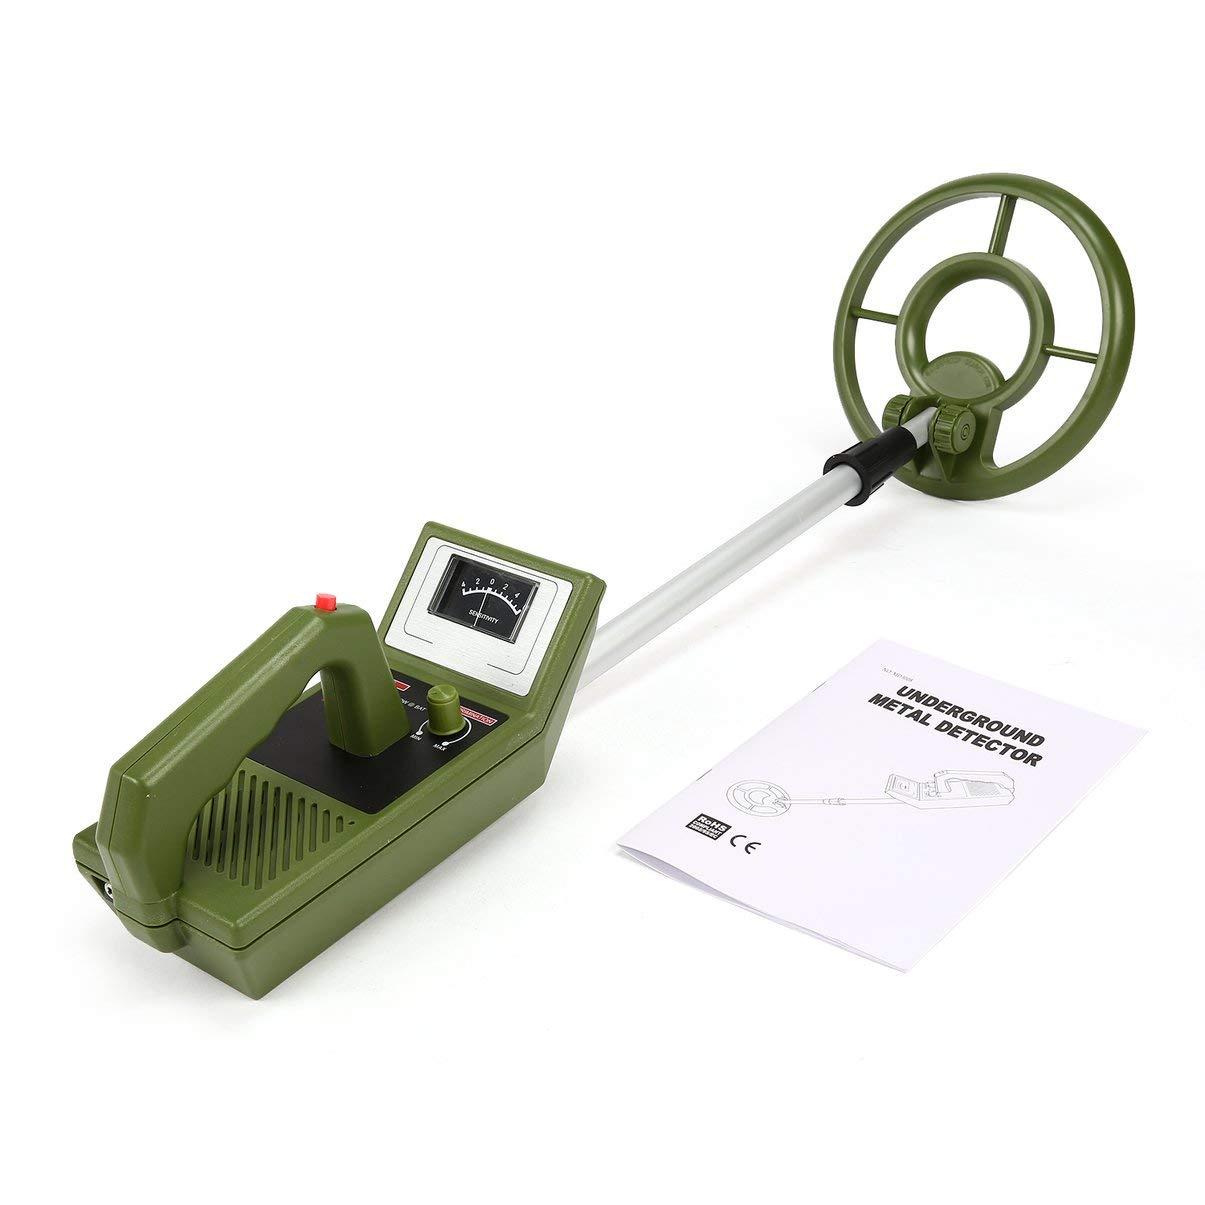 MD3008 Professionnel Portable Mini Dé tecteur de mé taux Souterrain Poche Chasseur Chasseur Or Digger Finder Longueur Ré glable JullyeleFRgant